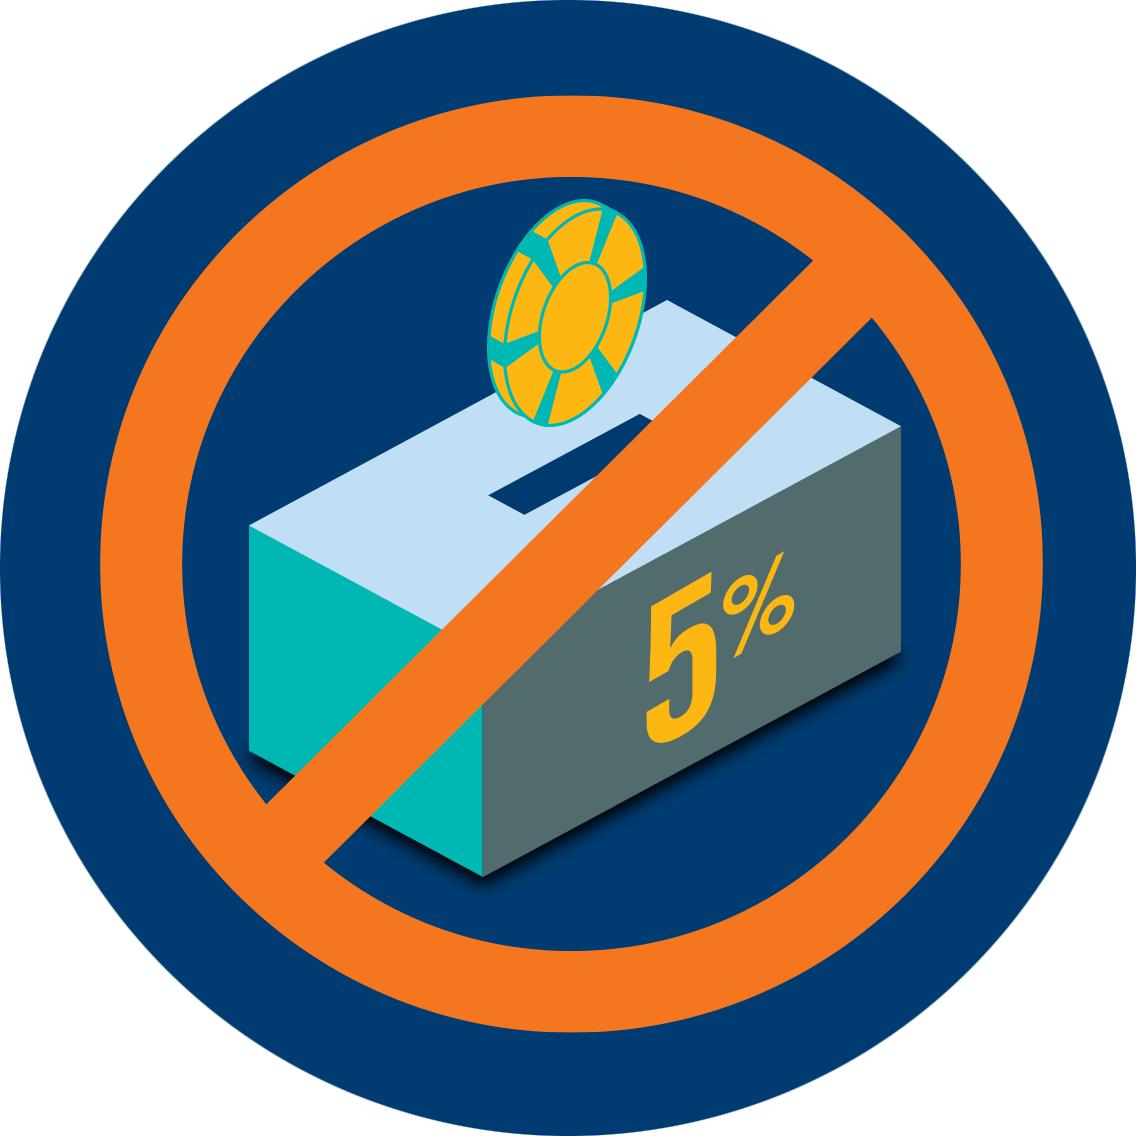 Un jeton de poker en train de tomber dans la fente d'une boîte sur laquelle 5 % est inscrit, le tout sous le symbole international d'interdiction.